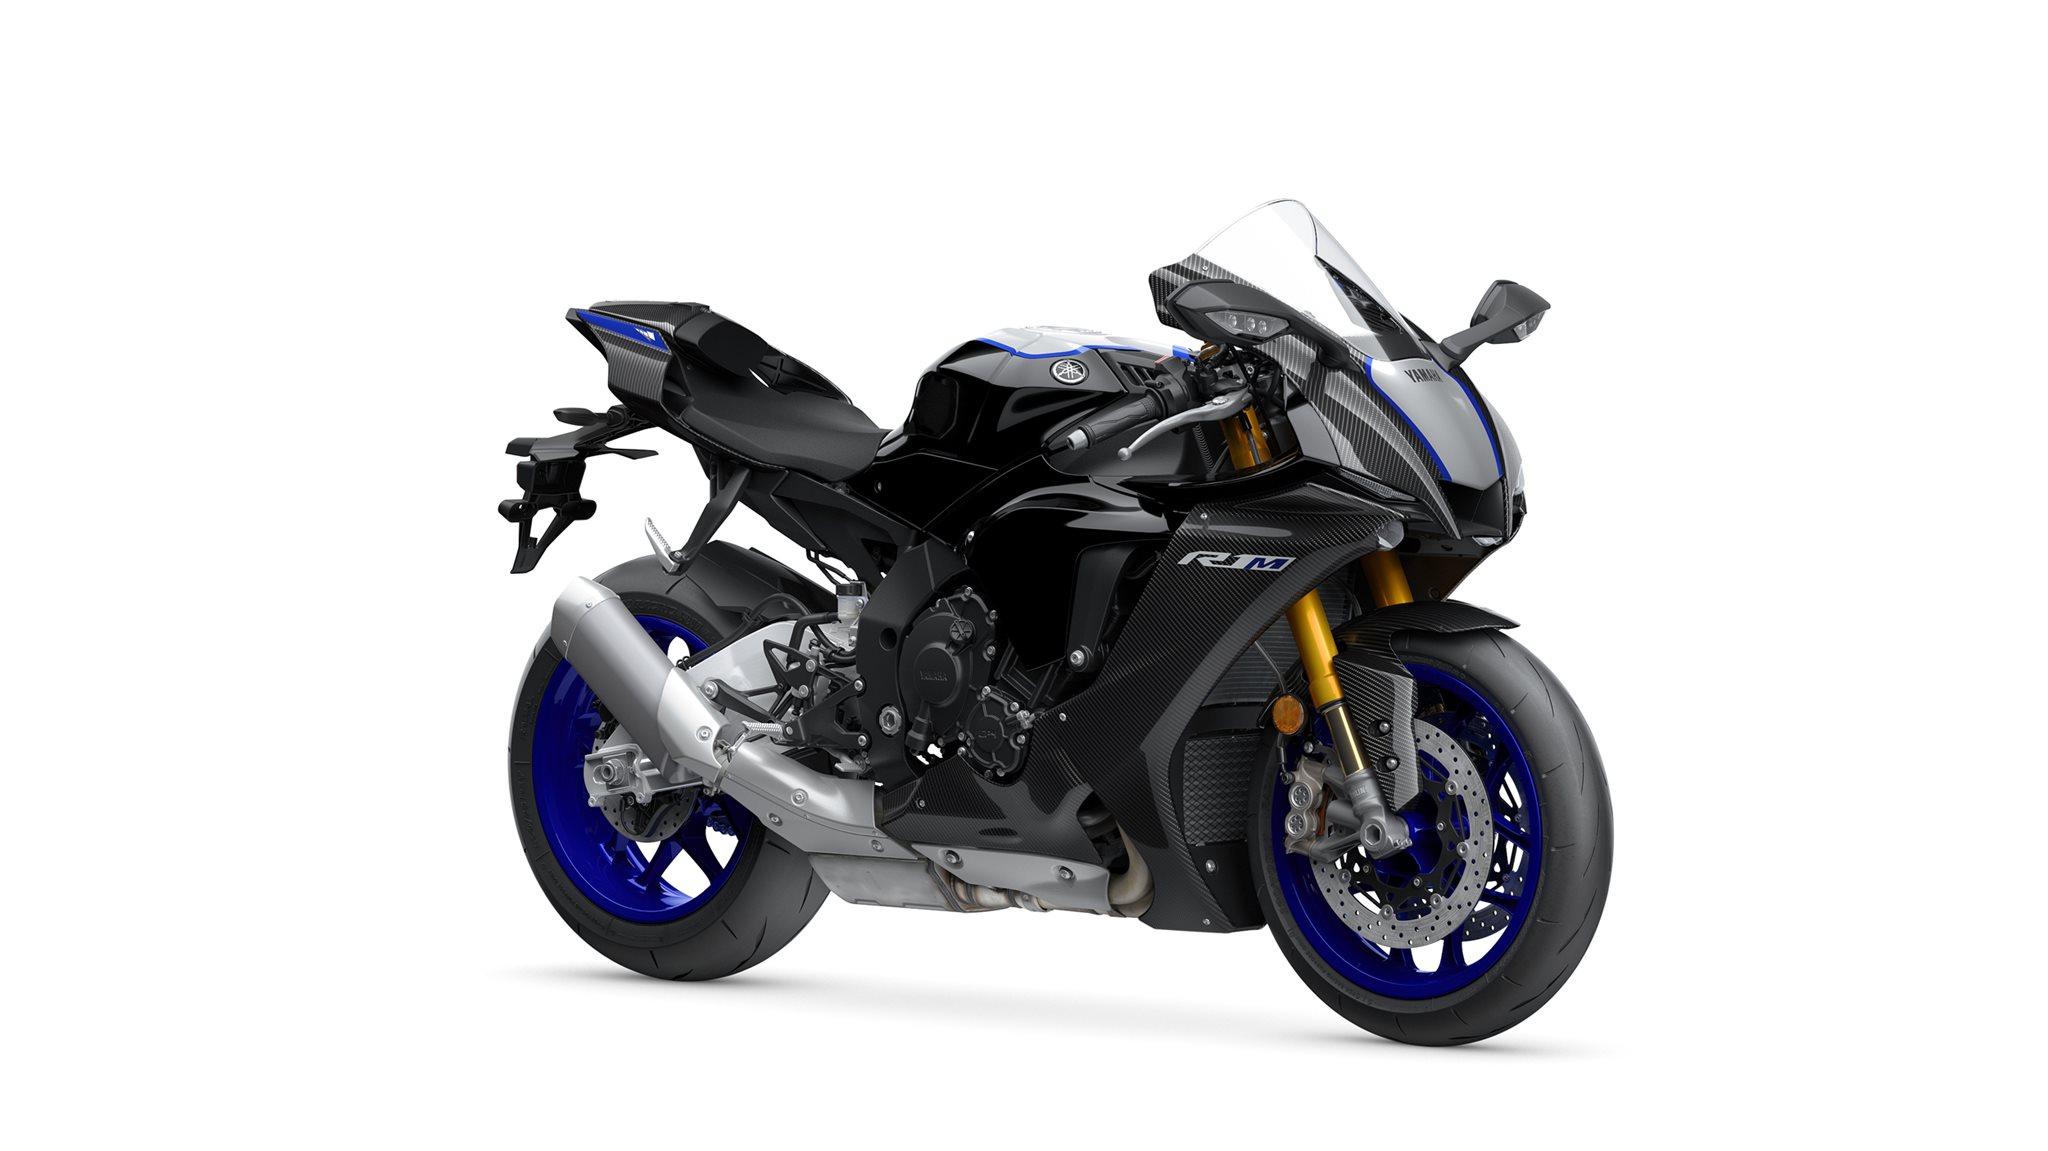 Gebrauchte und neue Yamaha WR 250R Motorräder kaufen